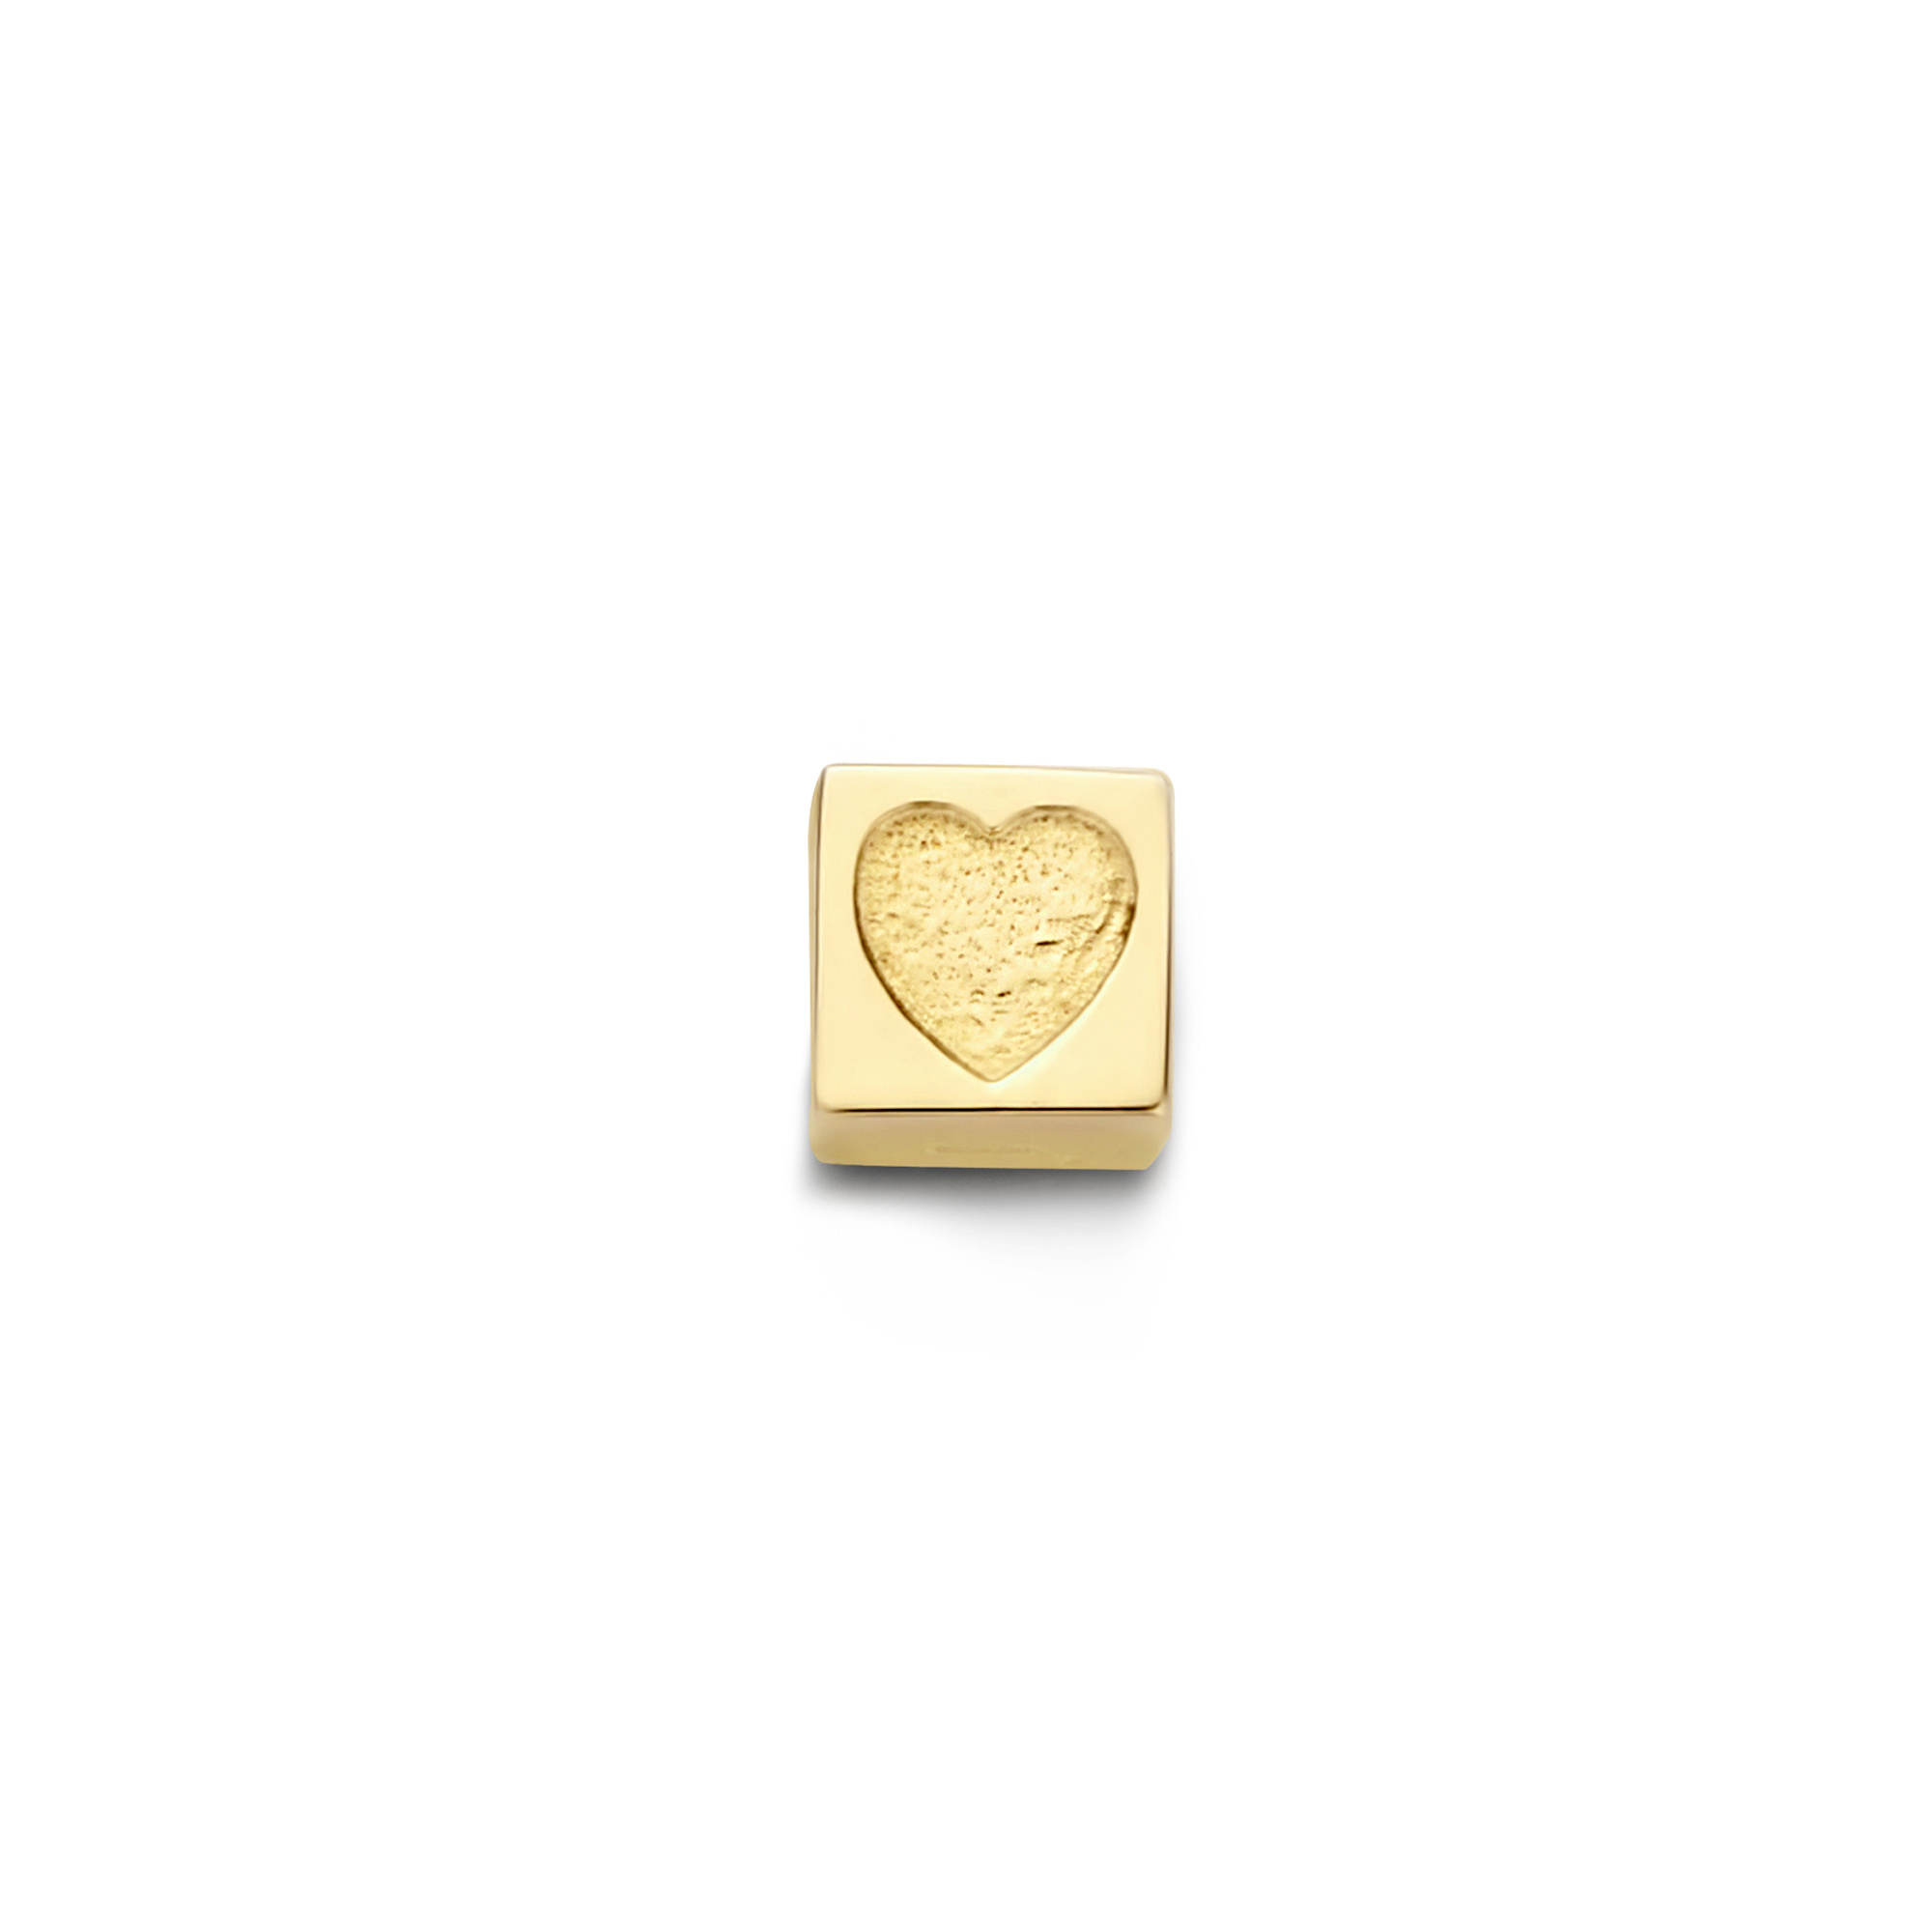 Isabel Bernard Le Carré Felie 14 karaat gouden kubus bedel met hartje